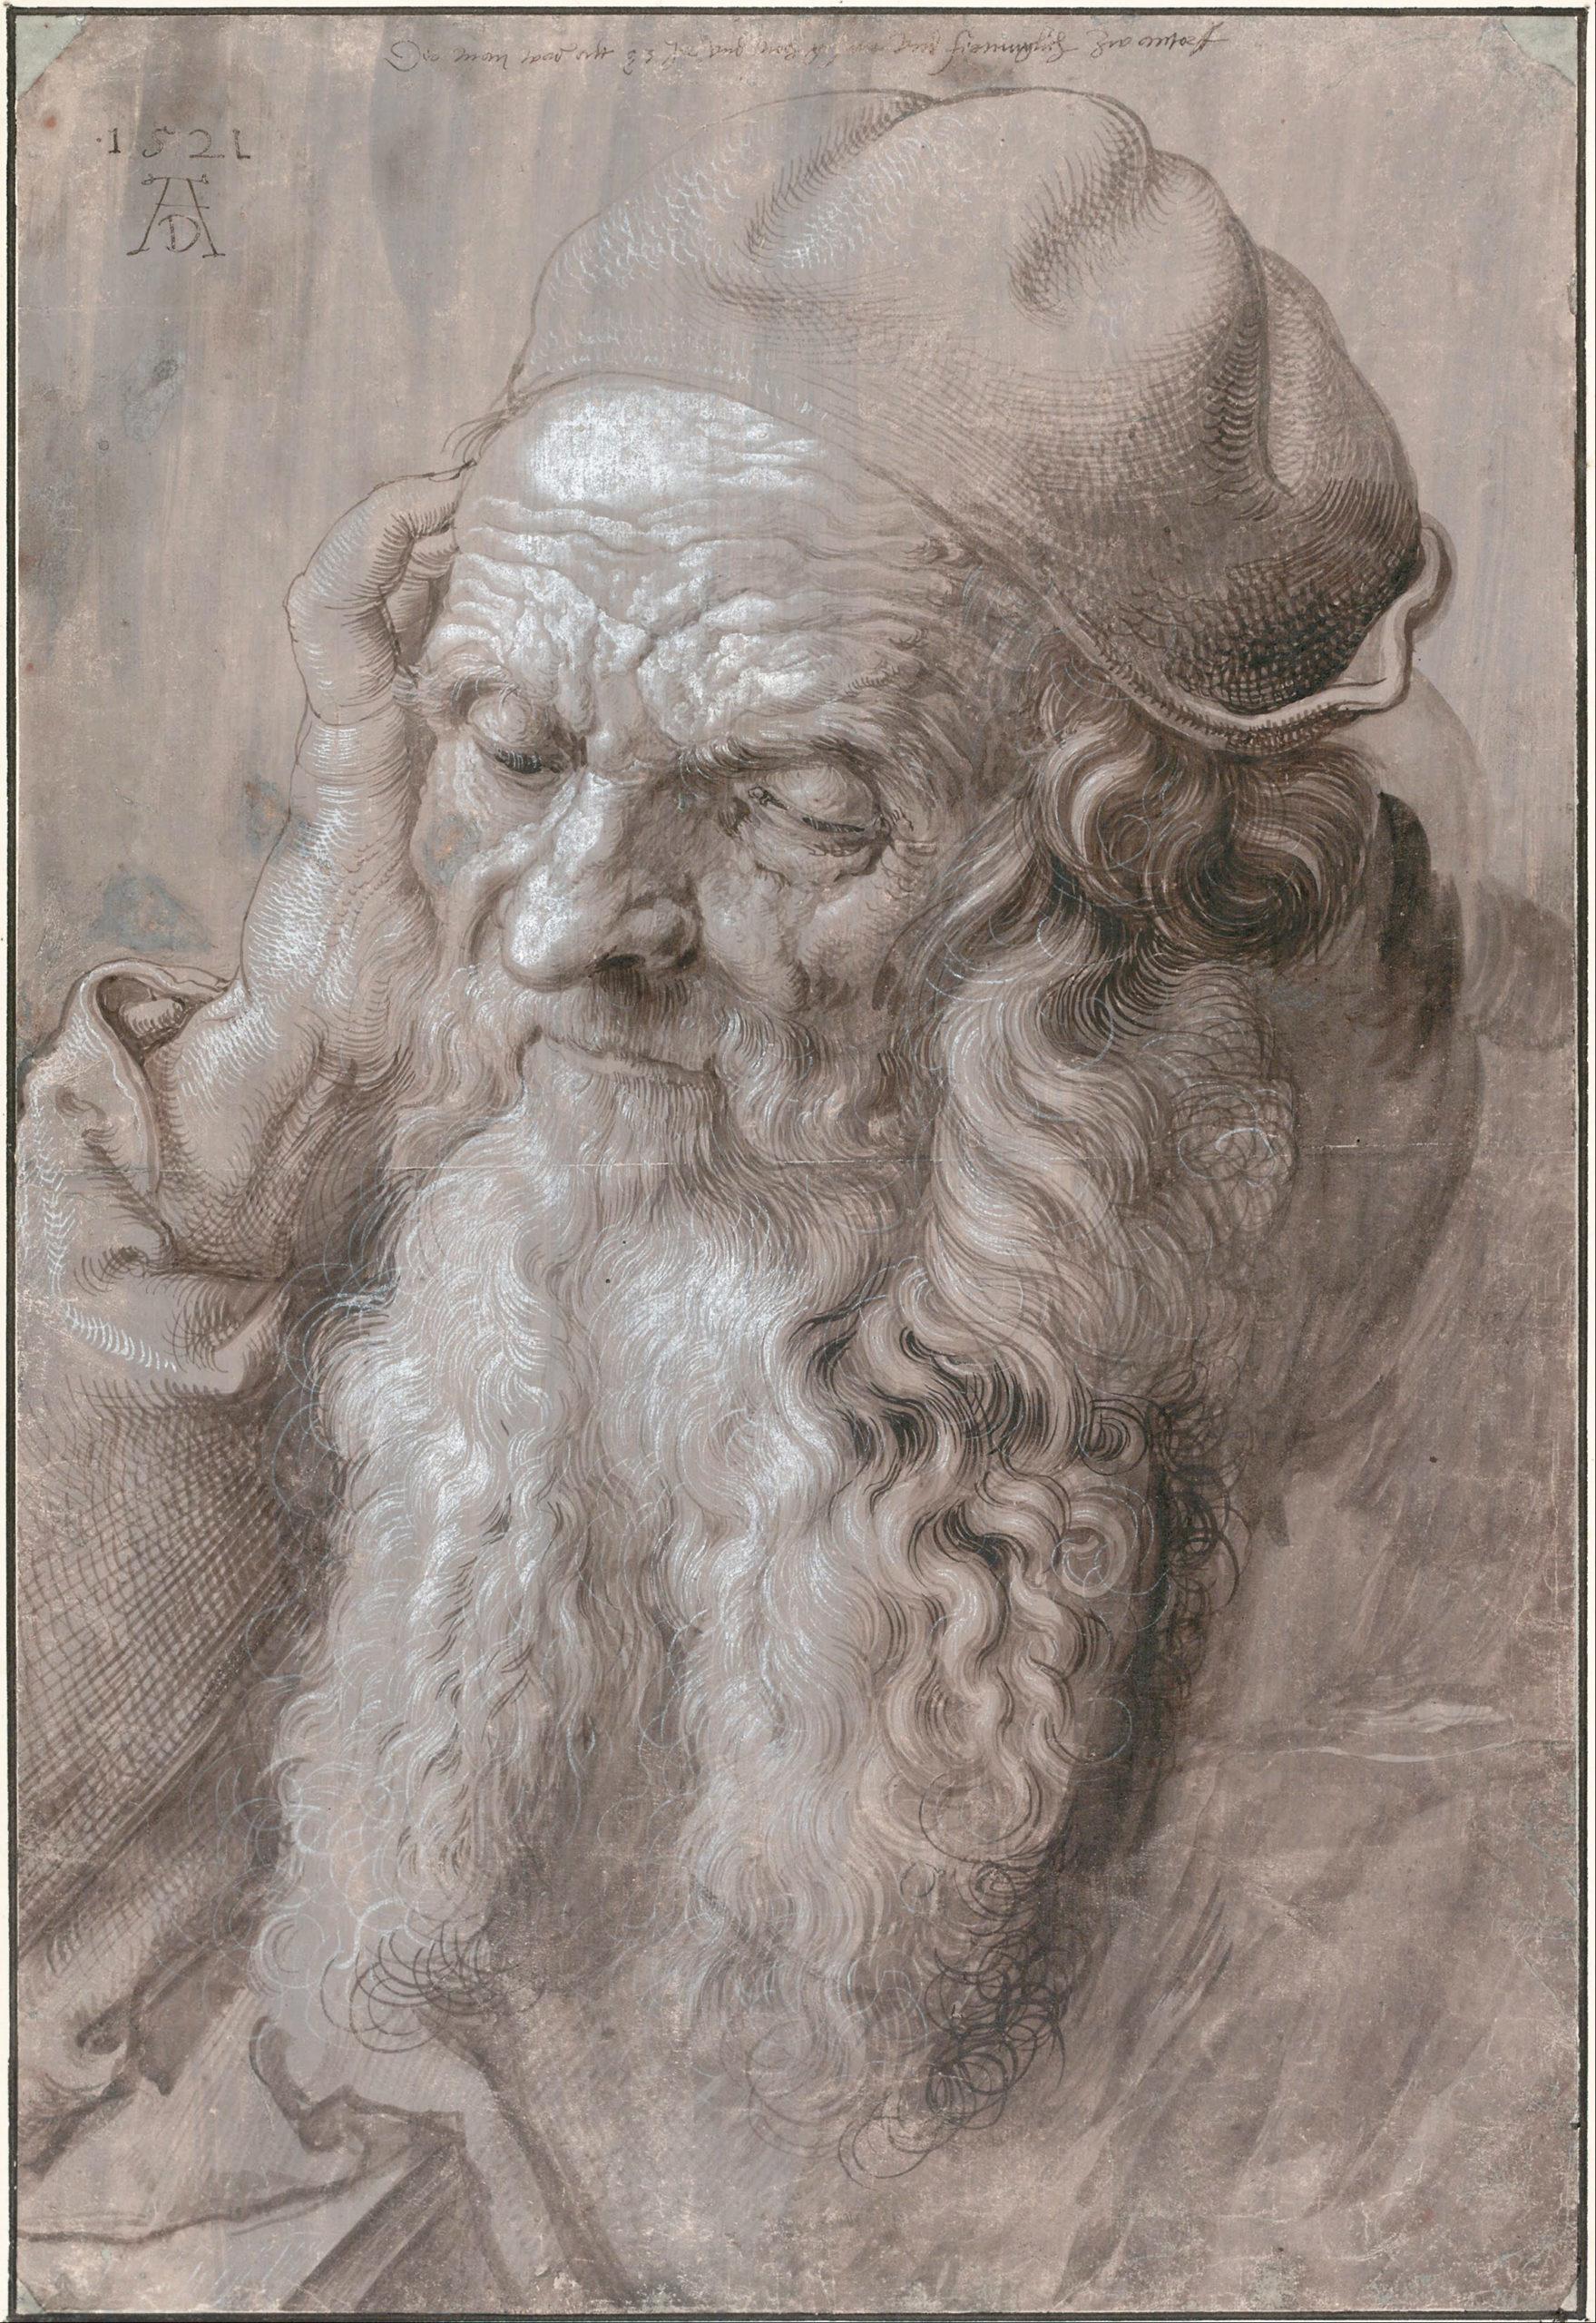 Portrait d'un vieil homme de Dürer - Photo Wikimédia